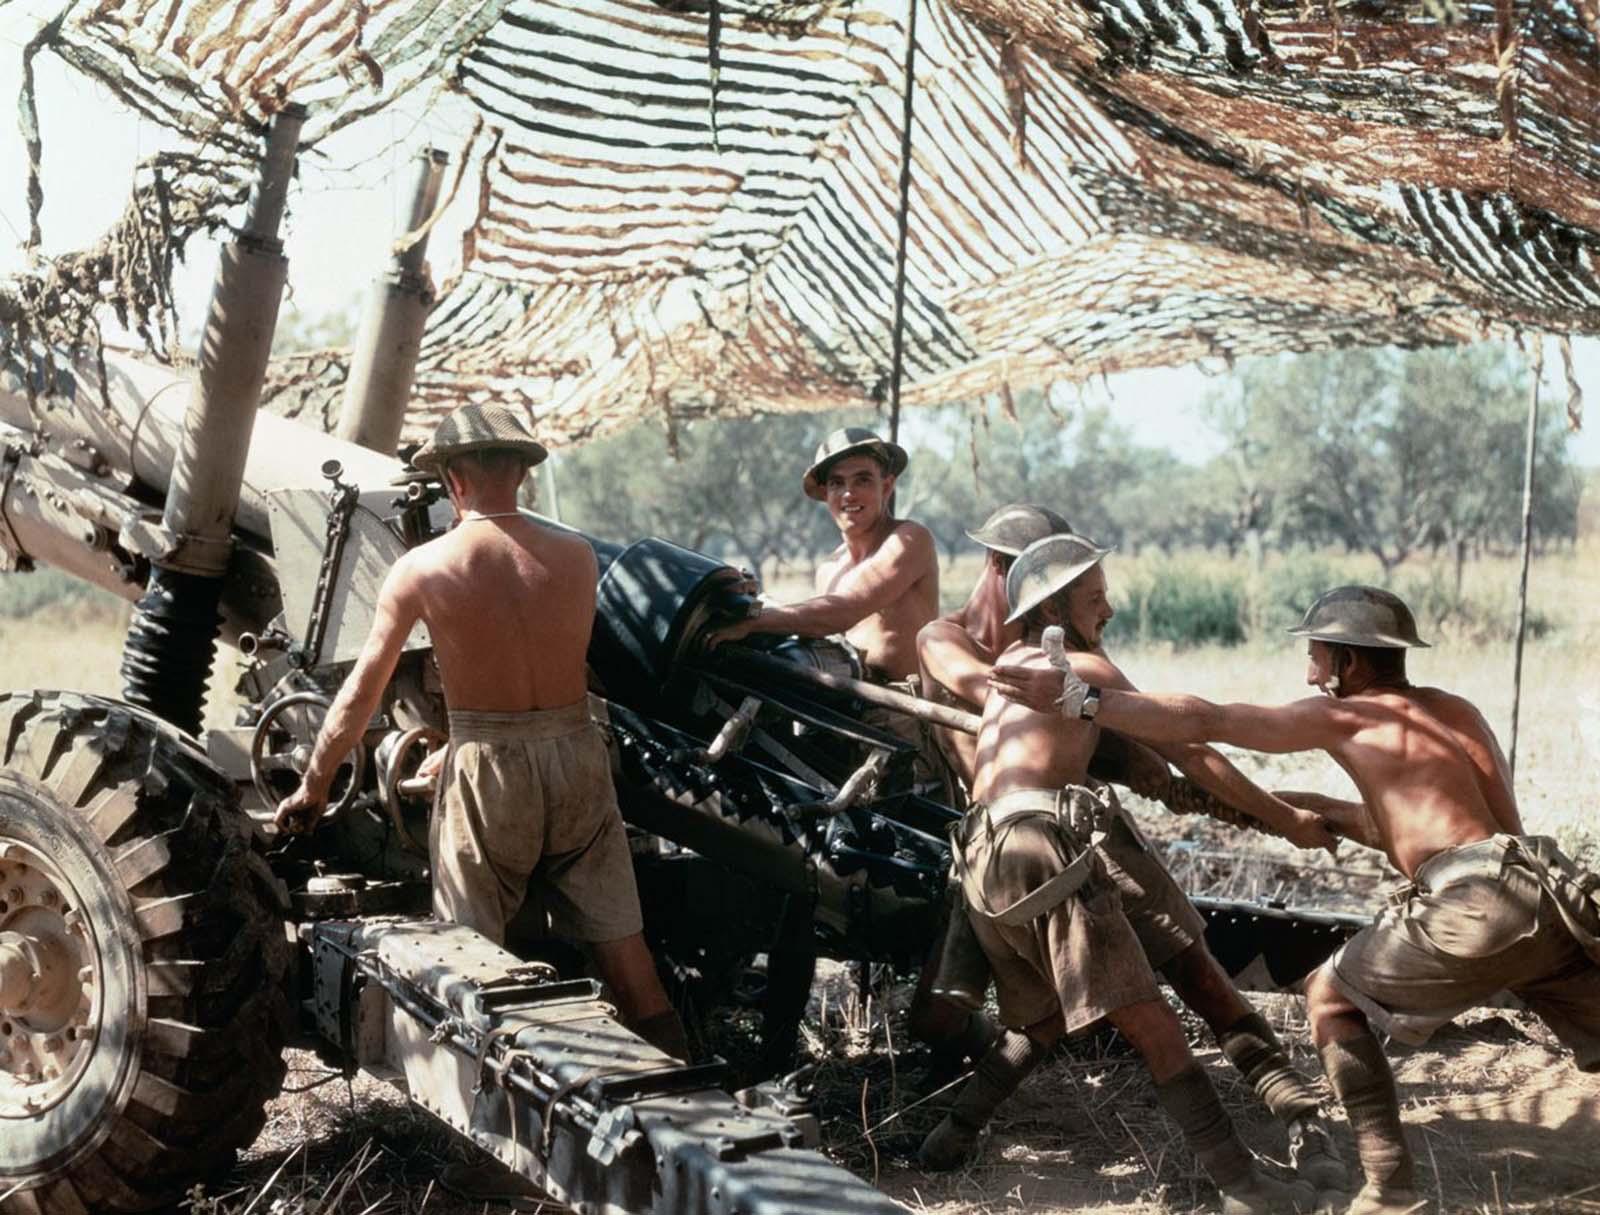 5,5 hüvelykes fegyveres legénység a 75. (Shropshire Yeomanry) közepes ezredből, a királyi tüzérségből, akcióban Olaszországban.